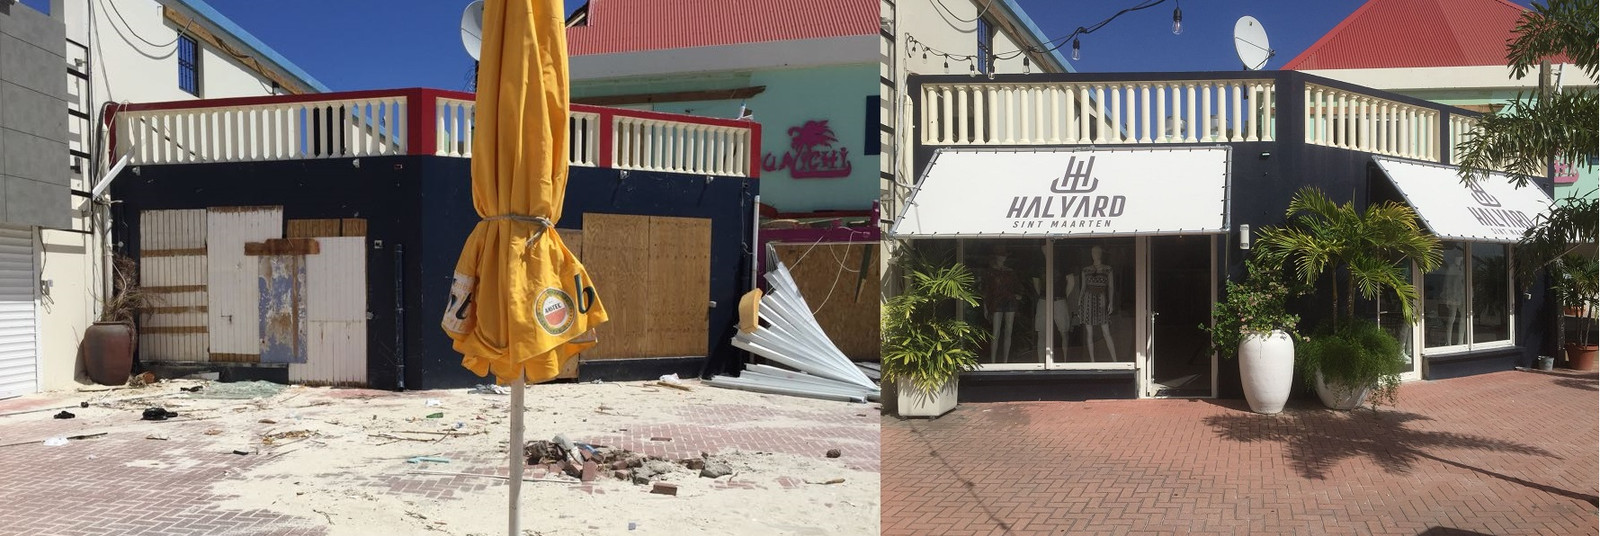 Winkel Halyard vlak na Irma en na de wederopbouw.